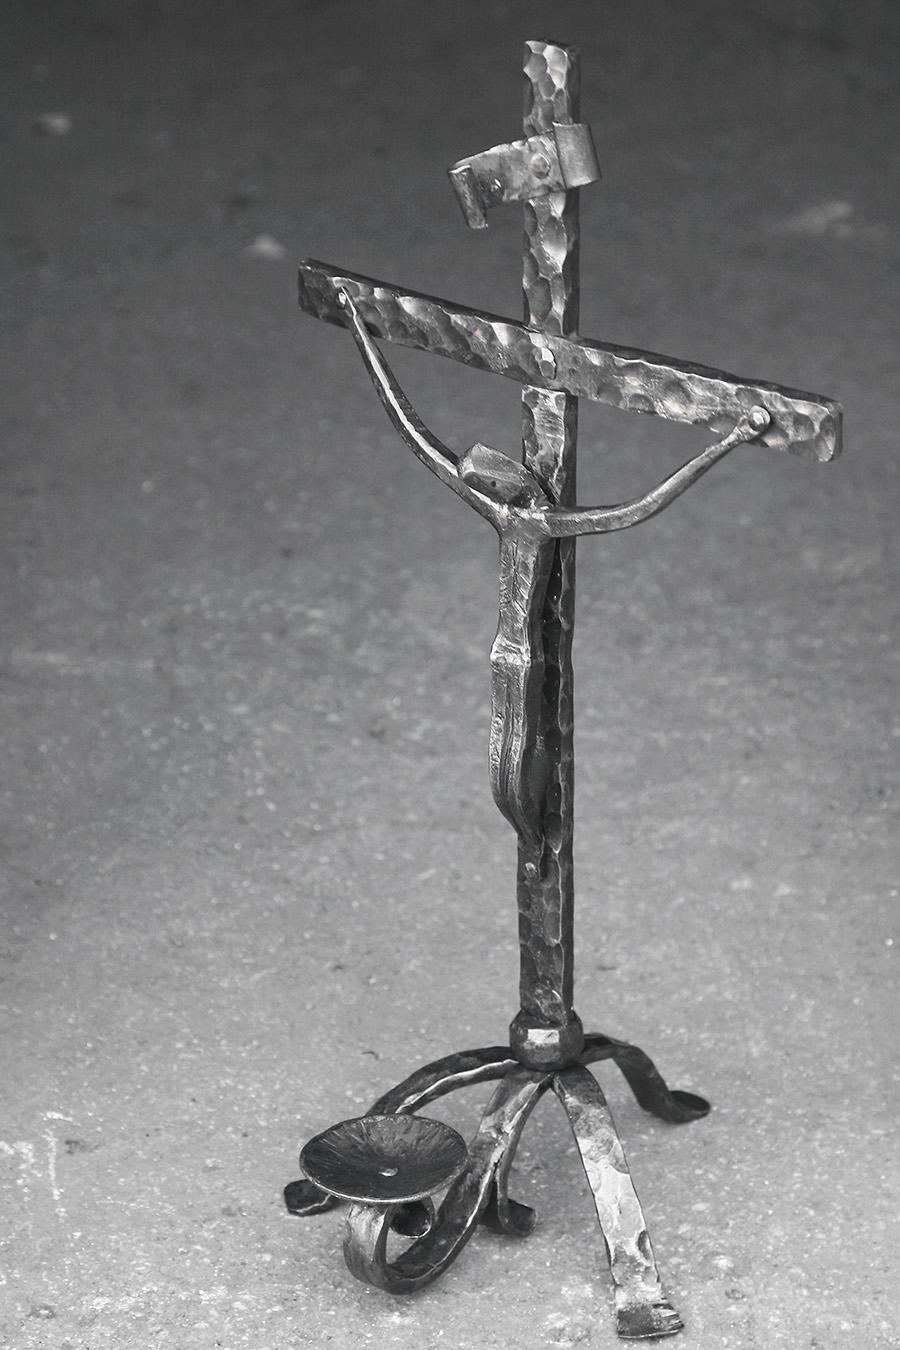 Χειροποίητοι μεταλλικοί σταυροί, σιδηρουργείο Δημητρίου Χατζή, Τήνος